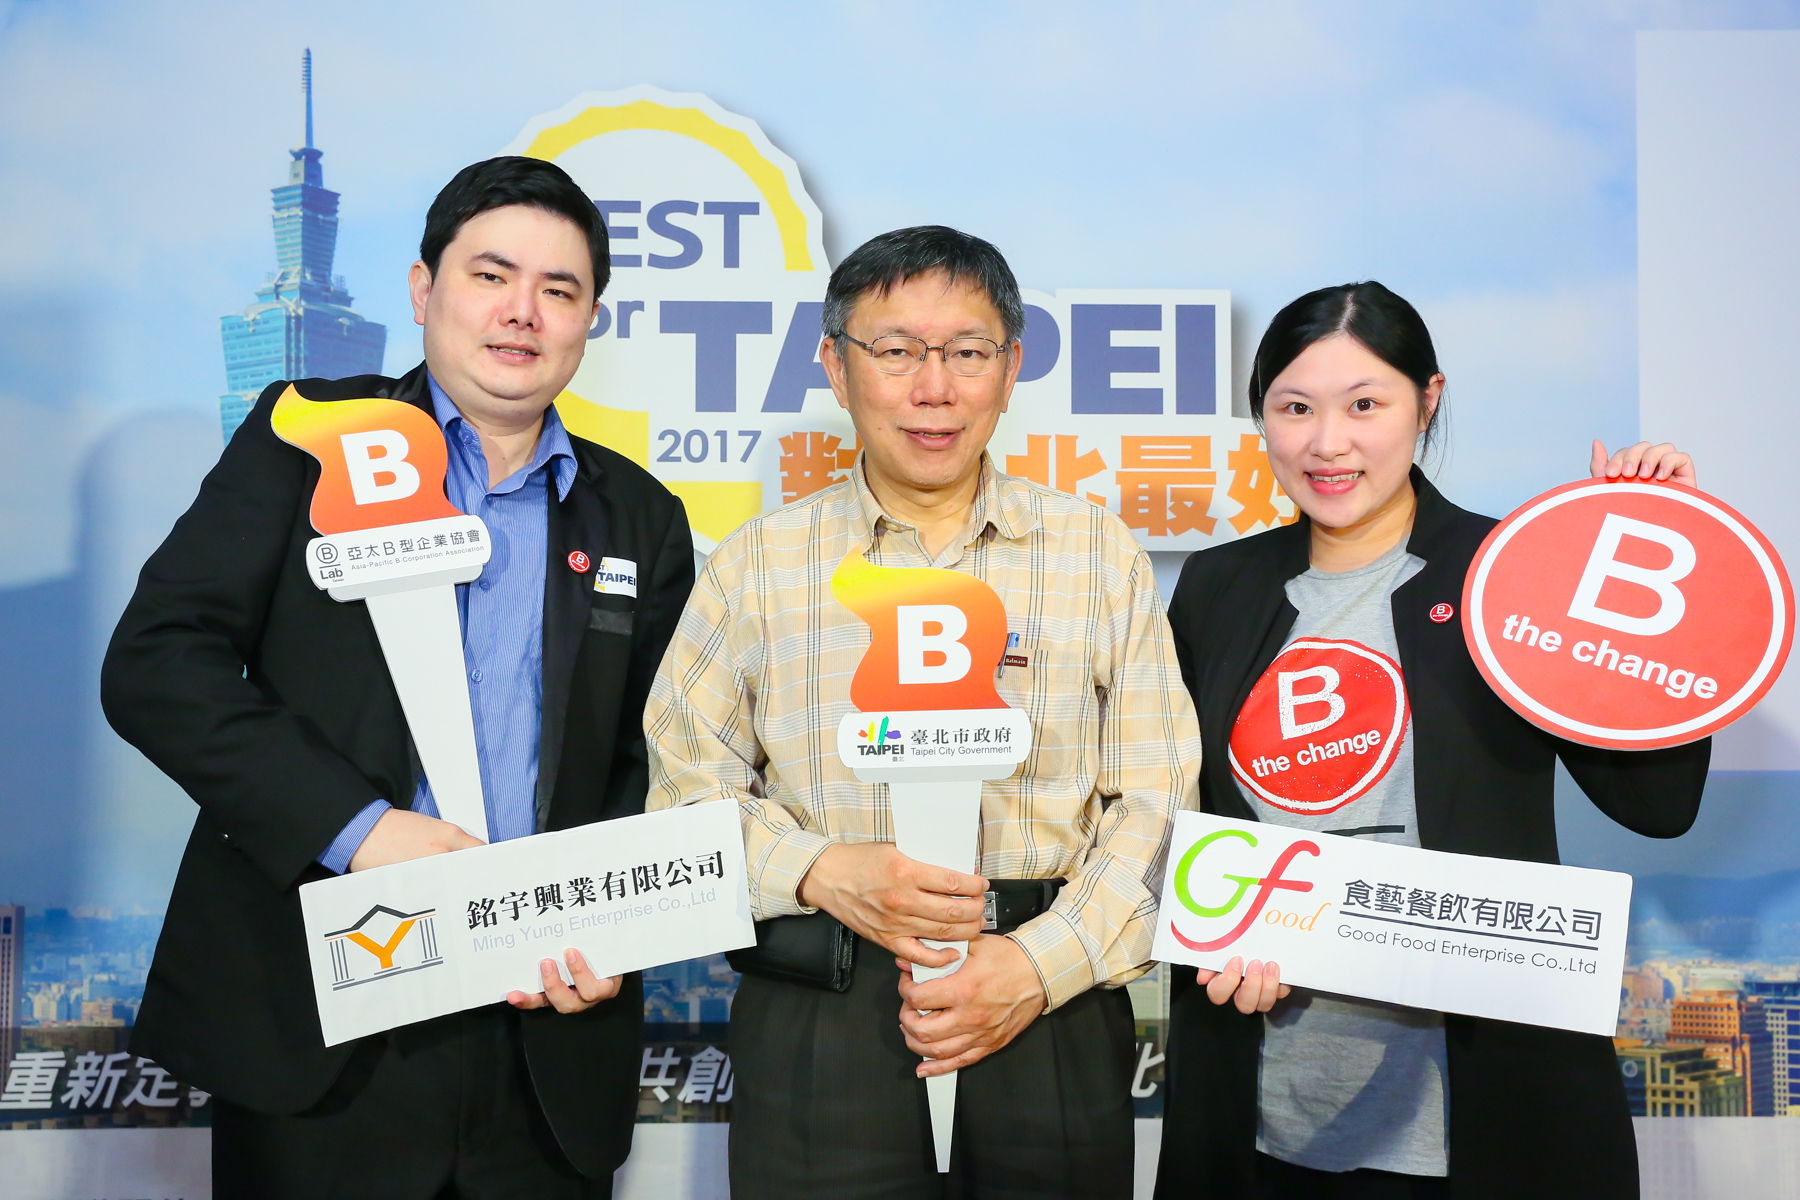 楊博宇與鄭惠如希望藉由創業來幫助弱勢族群。